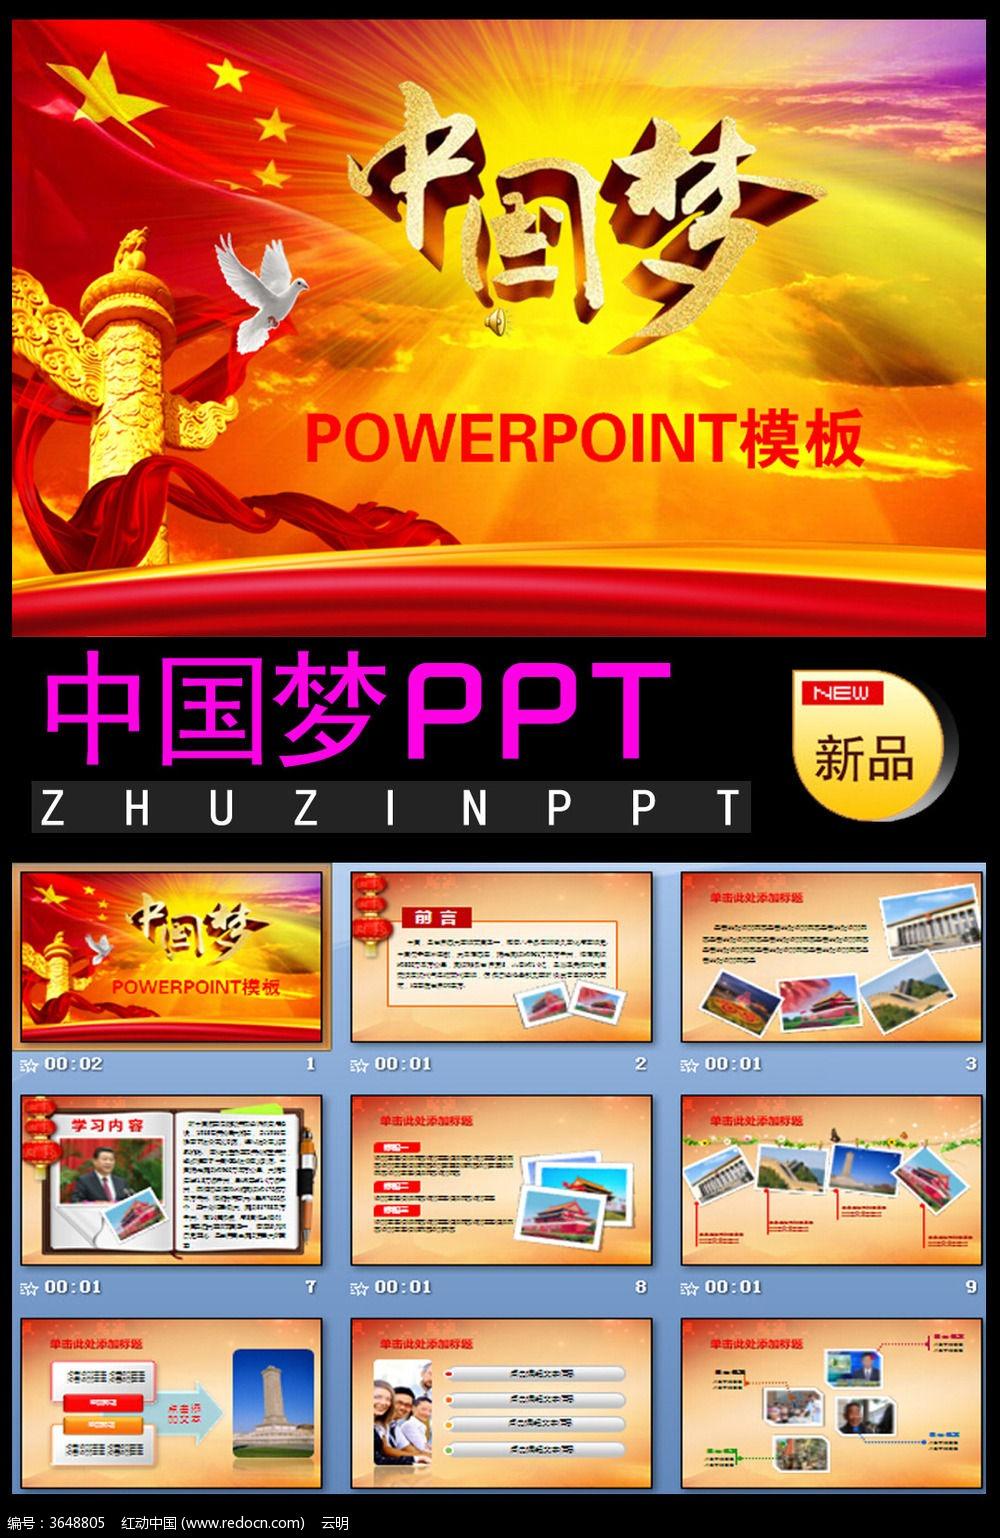 中国梦ppt_ppt模板/ppt背景图片图片素材